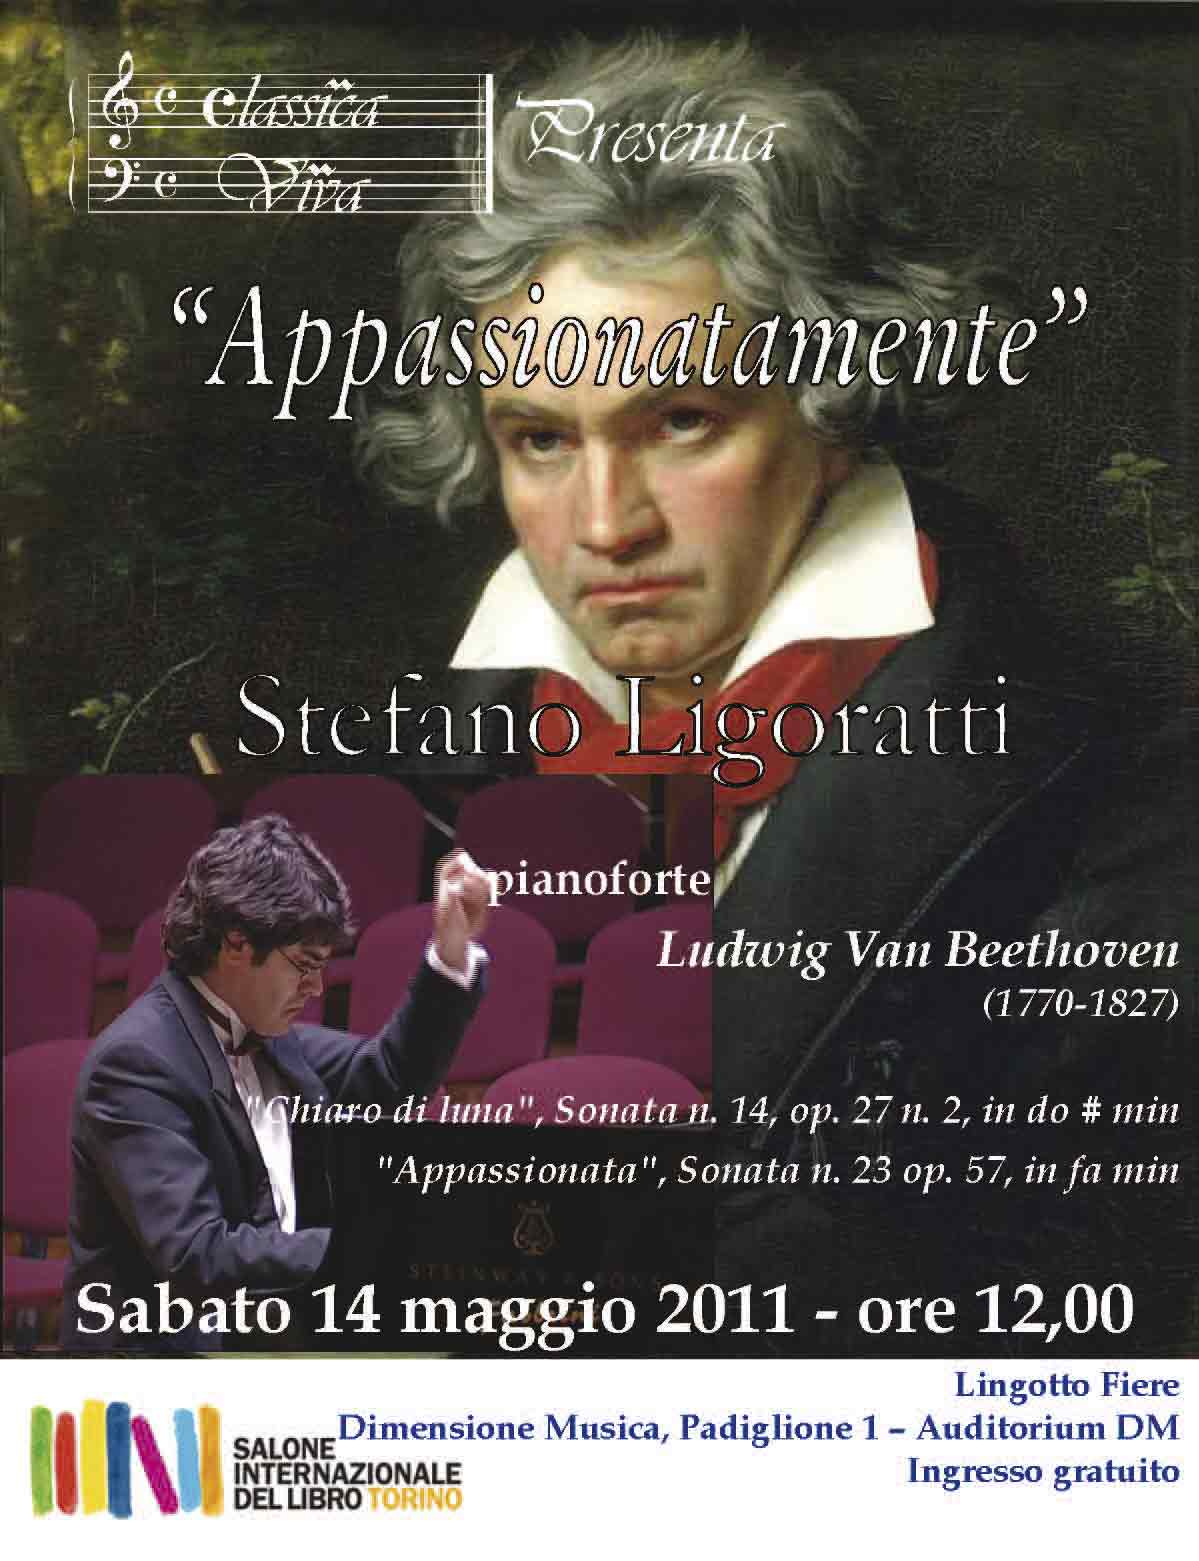 Concerto Appassionatamente di Stefano Ligoratti - Torino - Salone del Libro 2011